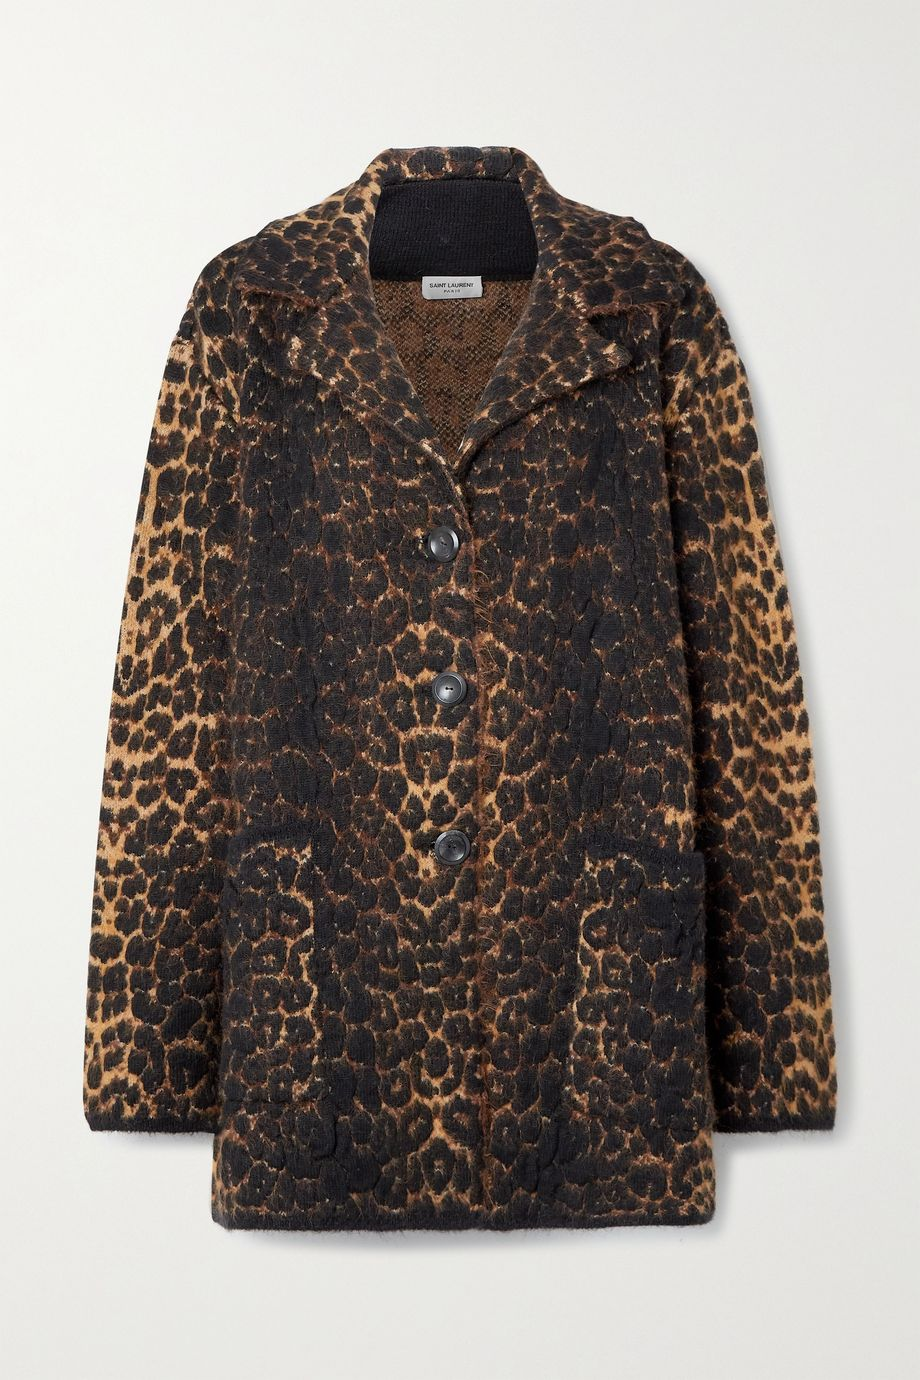 SAINT LAURENT Leopard-jacquard wool-blend coat